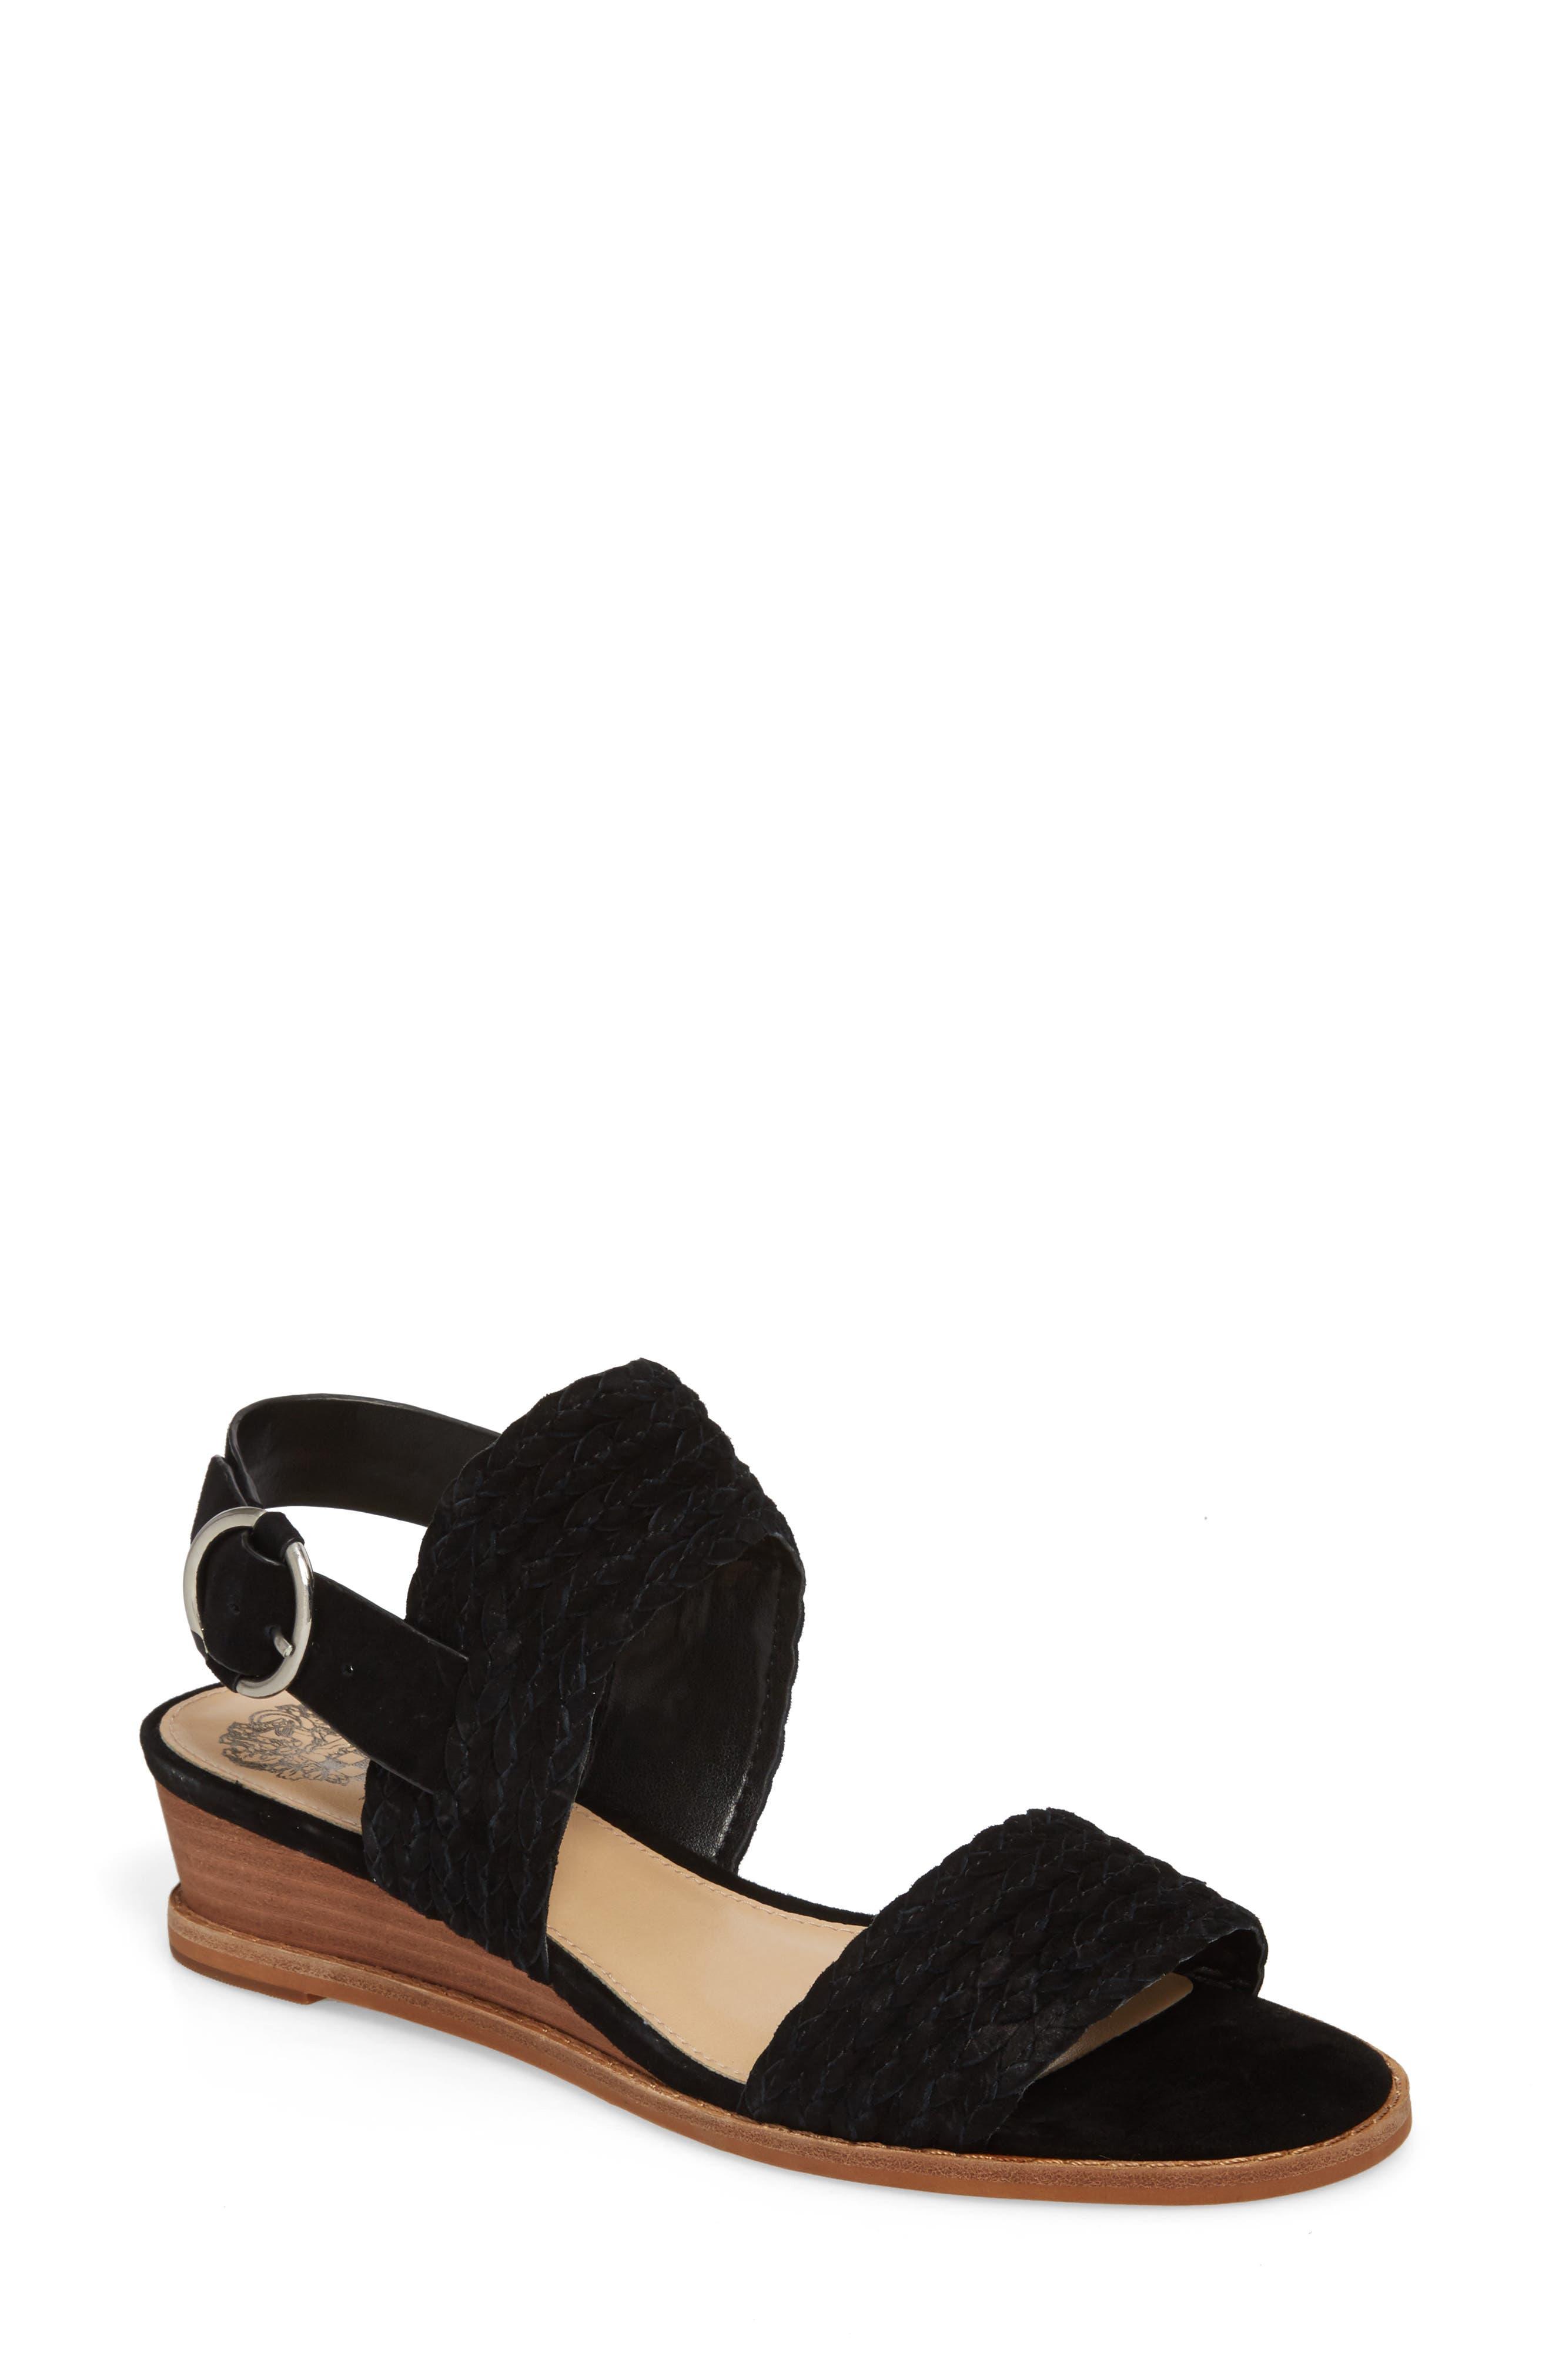 Raner Sandal,                         Main,                         color, BLACK SUEDE